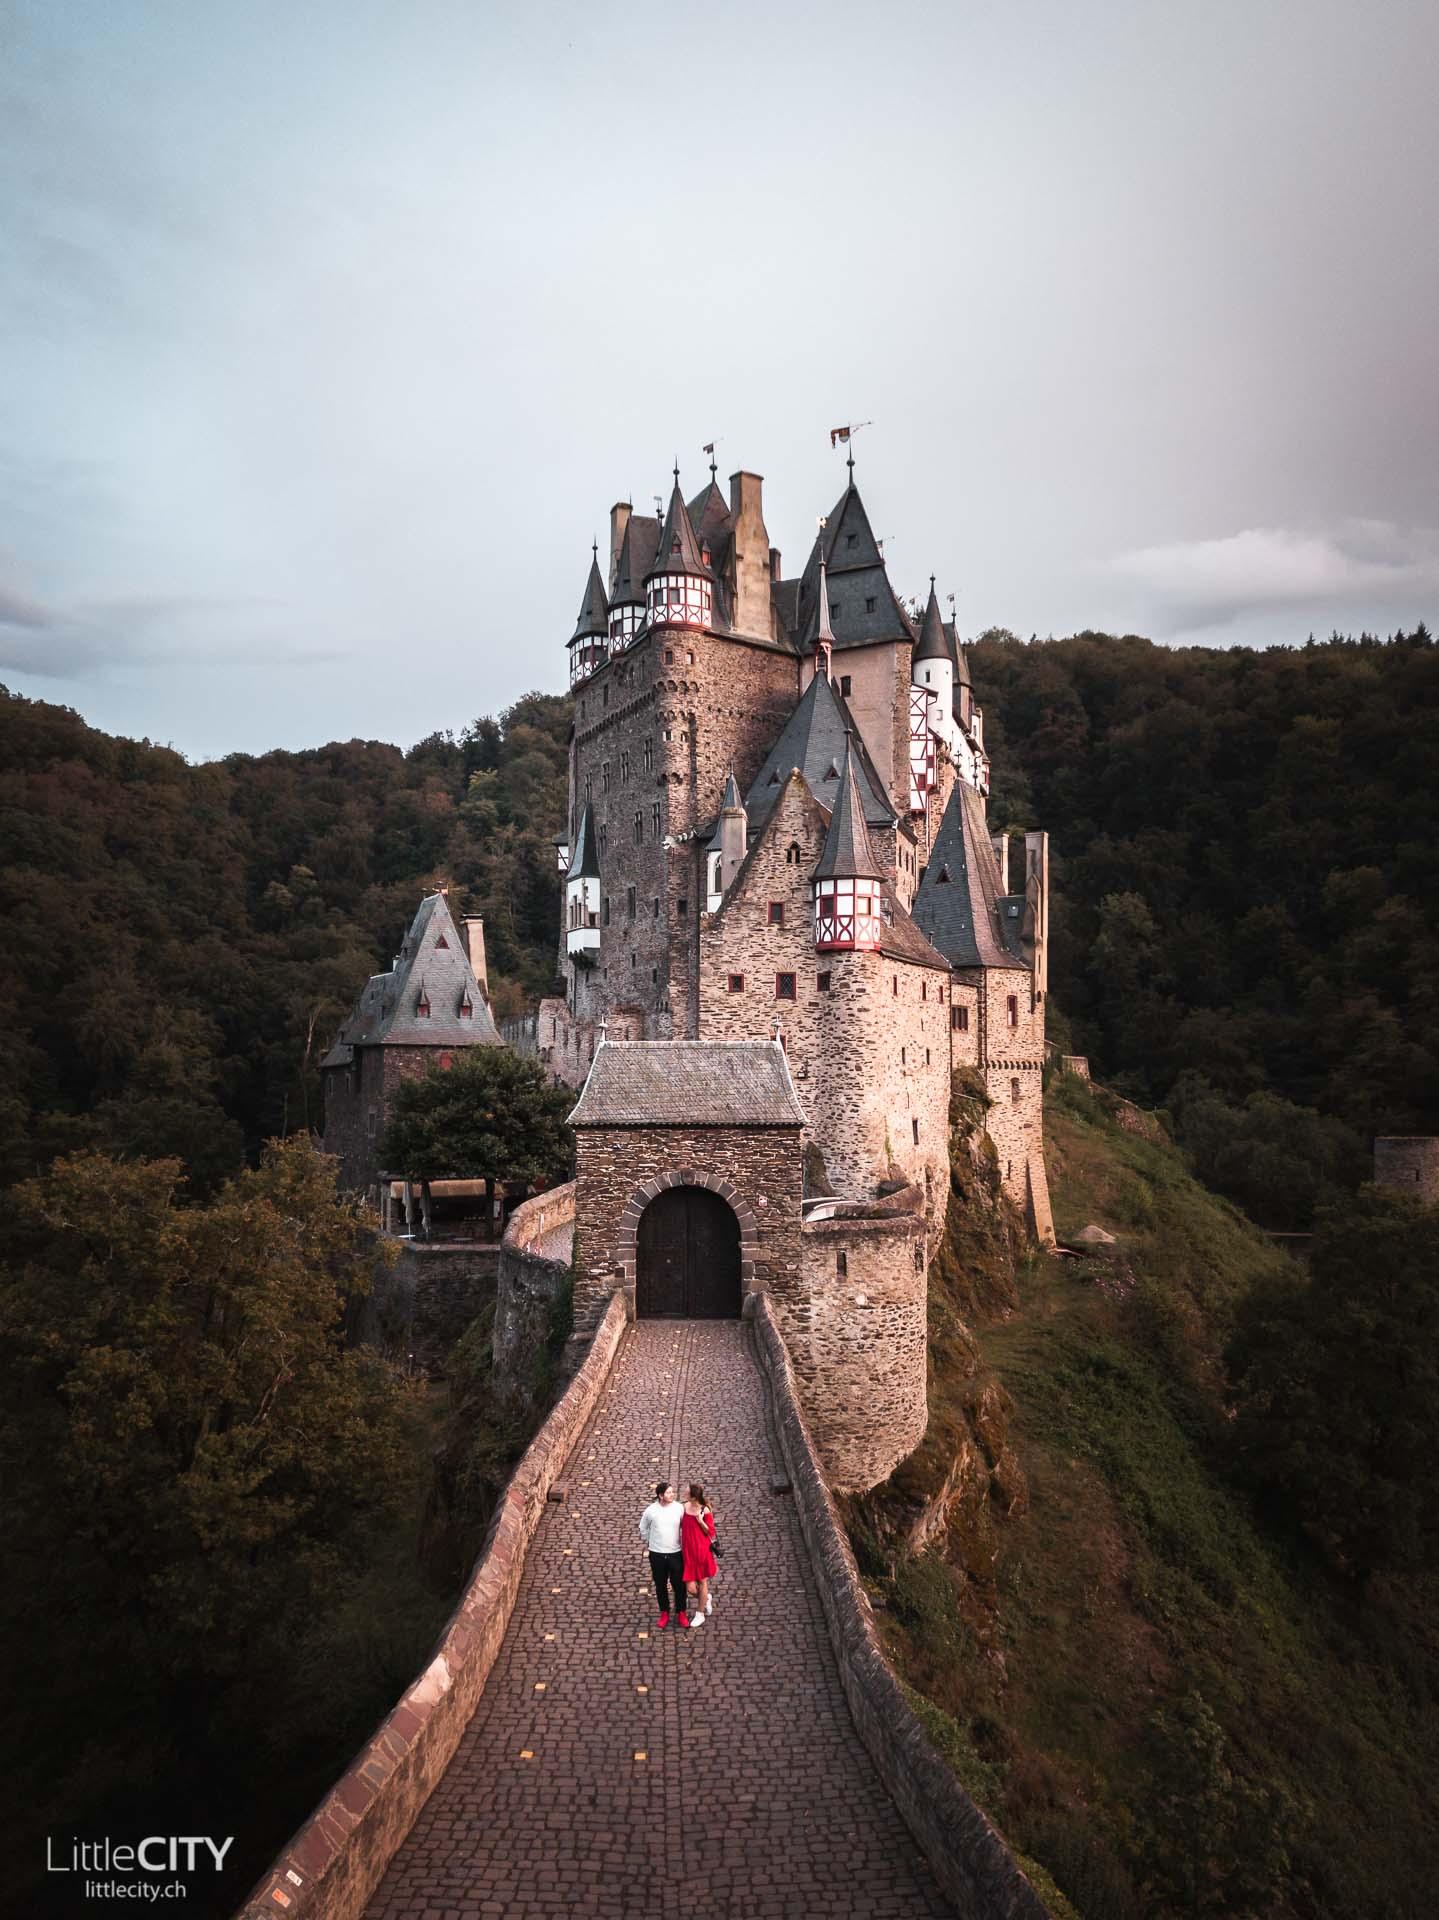 Burg Eltz Instagram Place